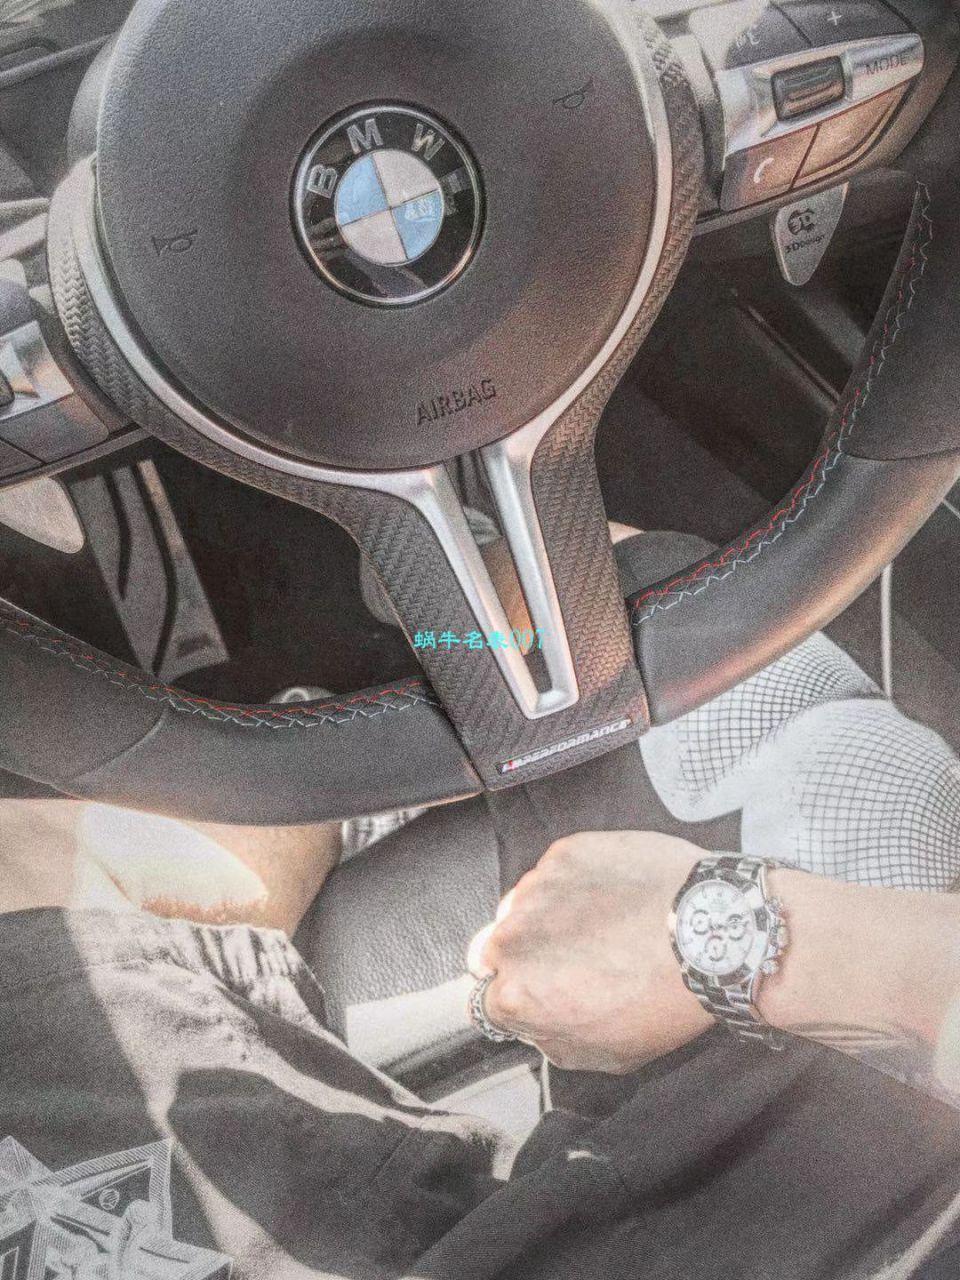 【N厂最新神作~原装结构4130迪通拿】劳力士宇宙计型迪通拿系列116520-78590 黑盘腕表(黑钢迪) / R216